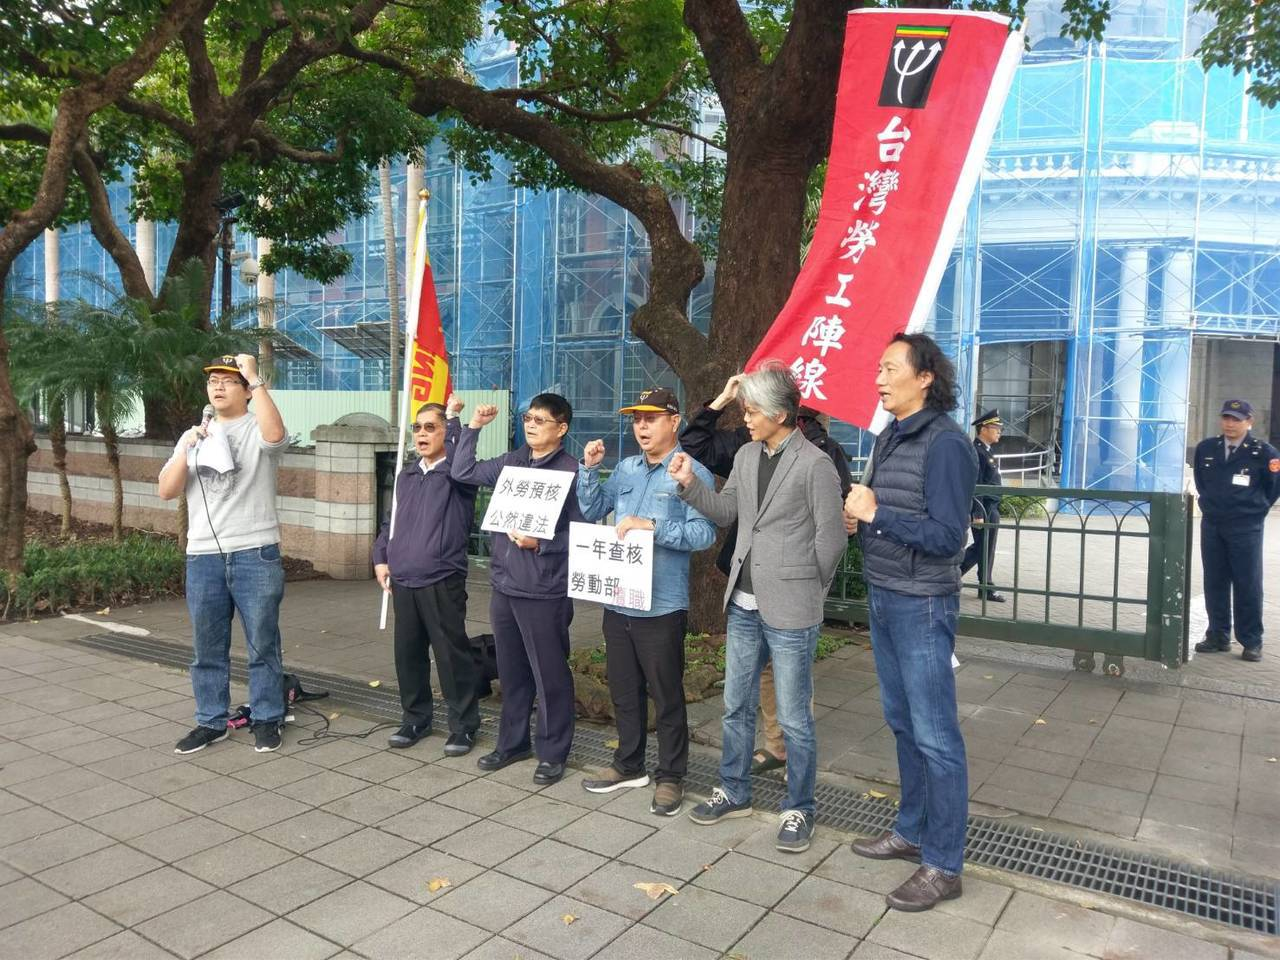 不滿政府外籍勞工預先核配制,多個團體今天到監察院外抗議。記者徐偉真/攝影